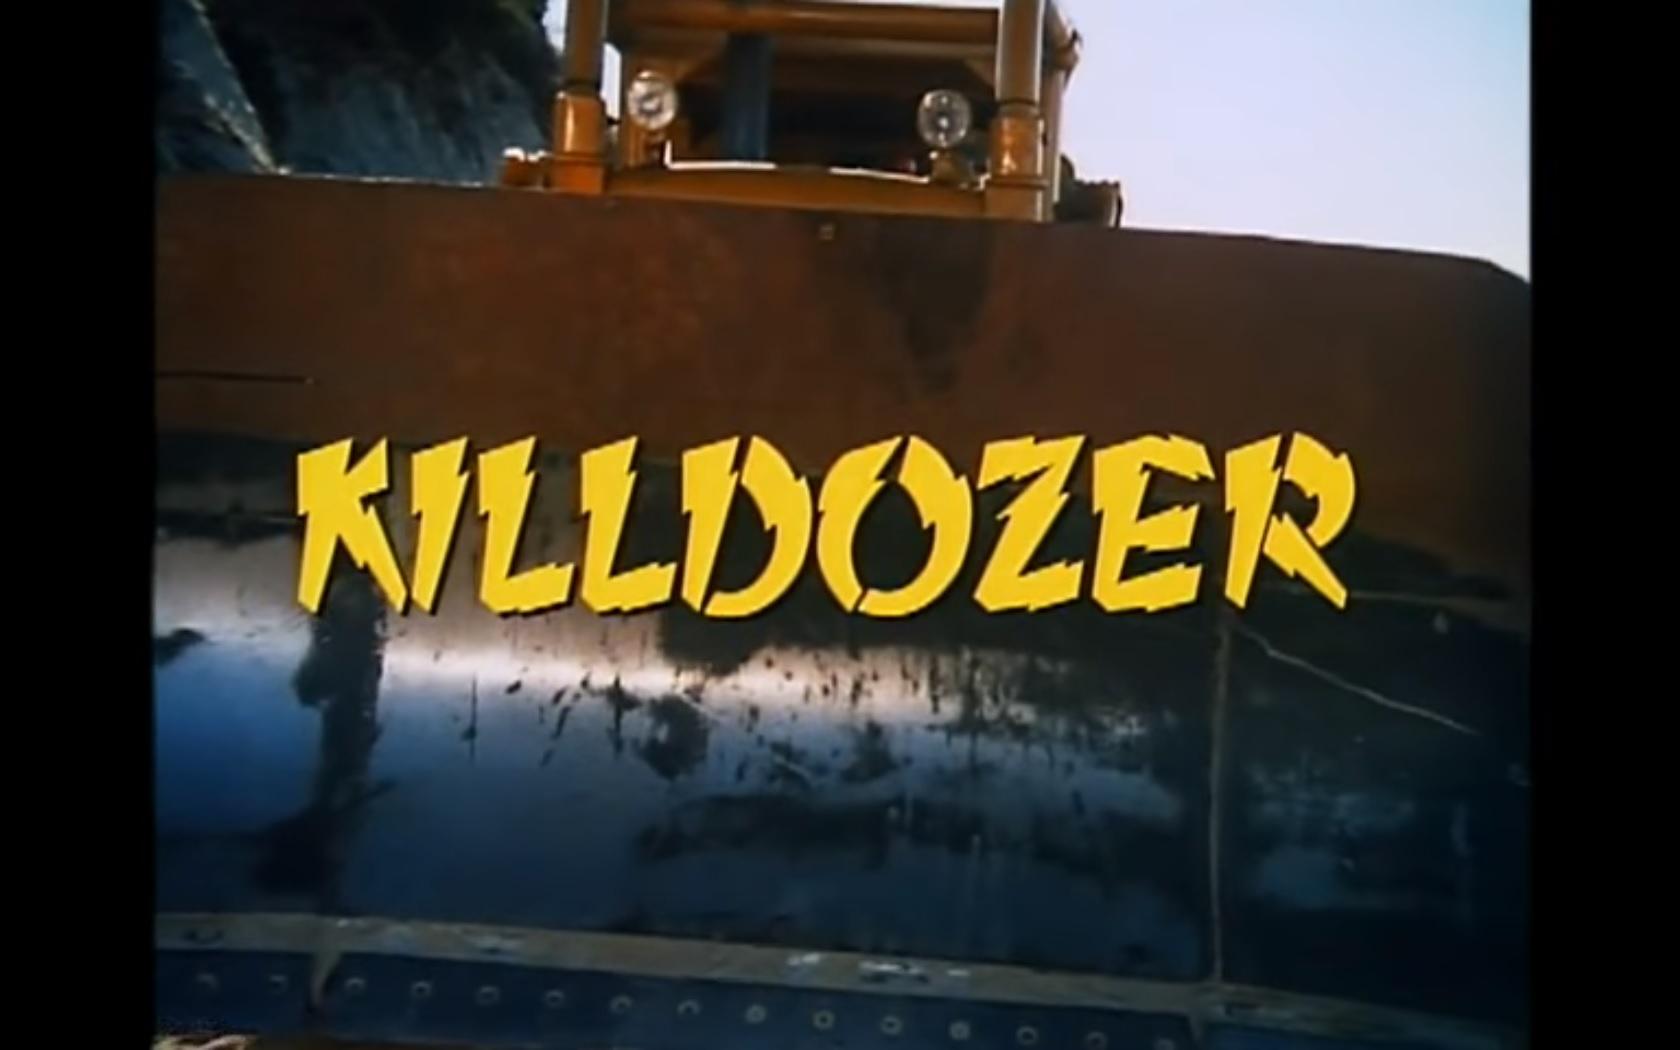 Killdozer 1kite44